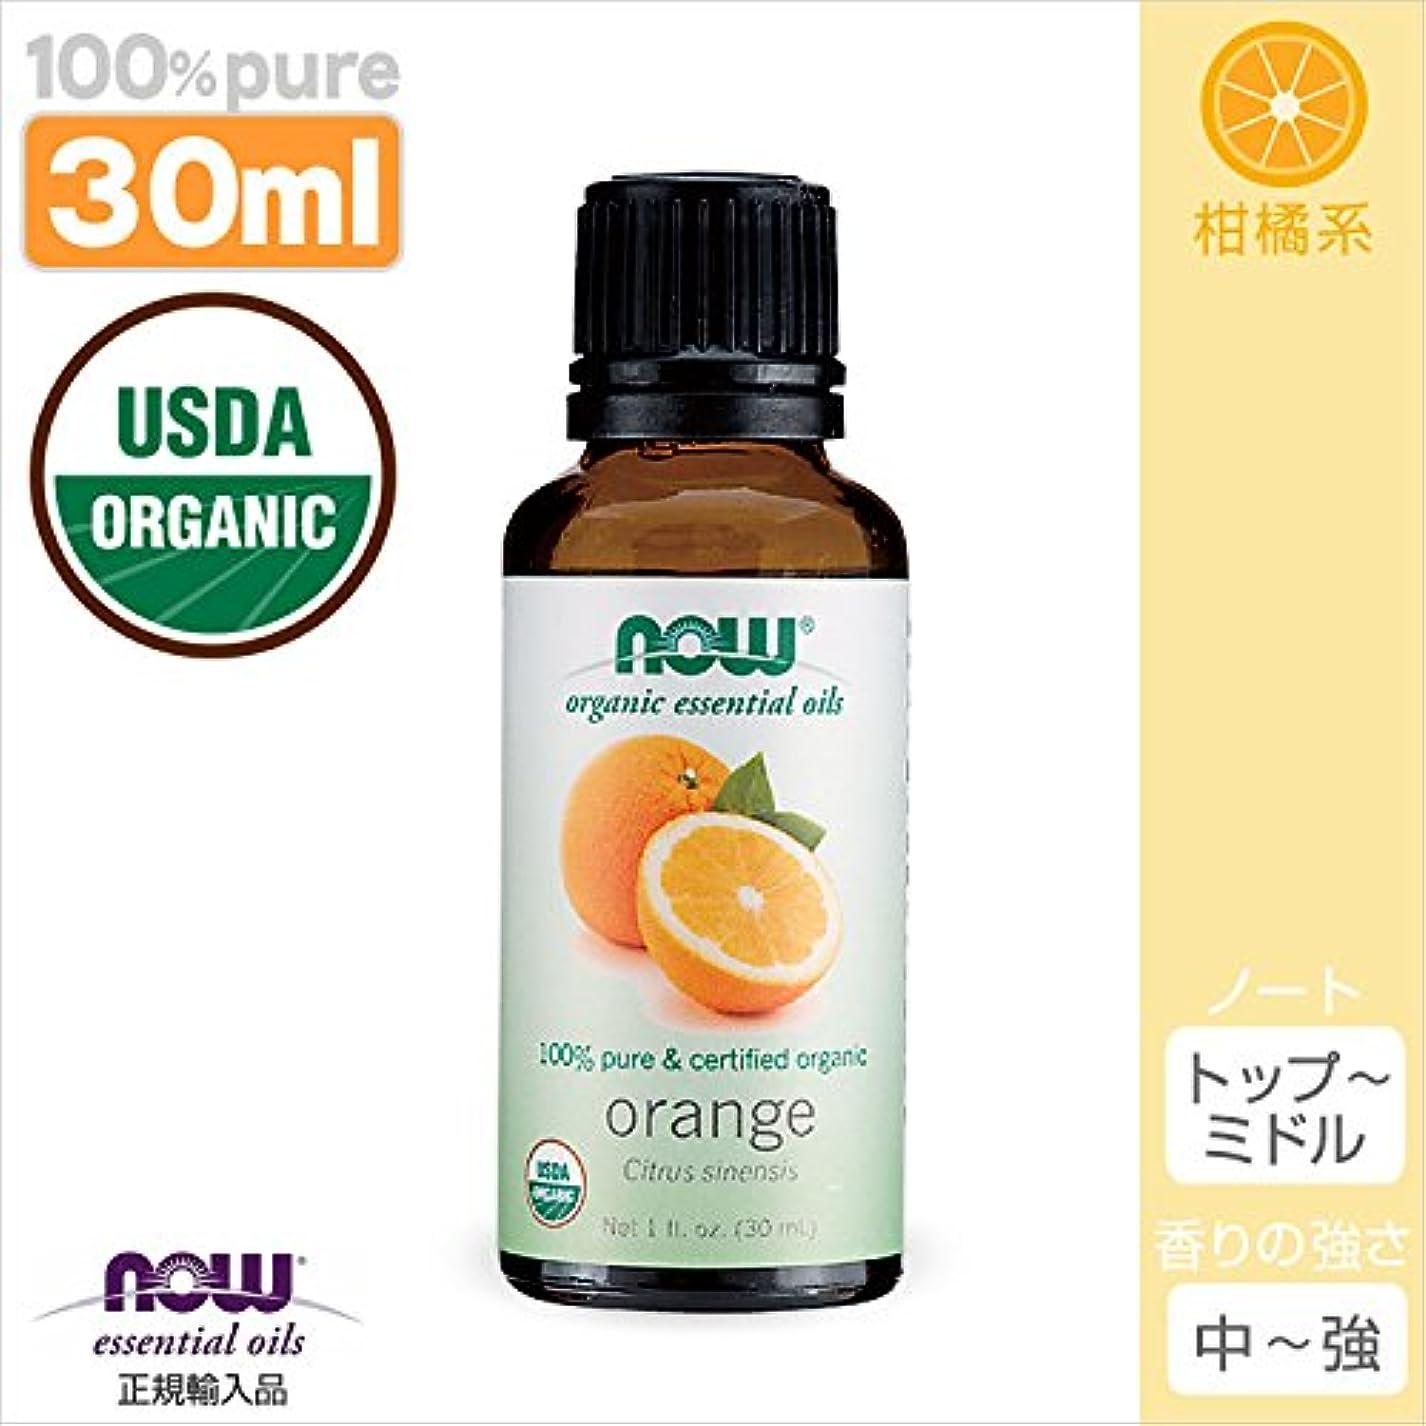 略すり盆地オレンジ精油オーガニック[30ml] 【正規輸入品】 NOWエッセンシャルオイル(アロマオイル)